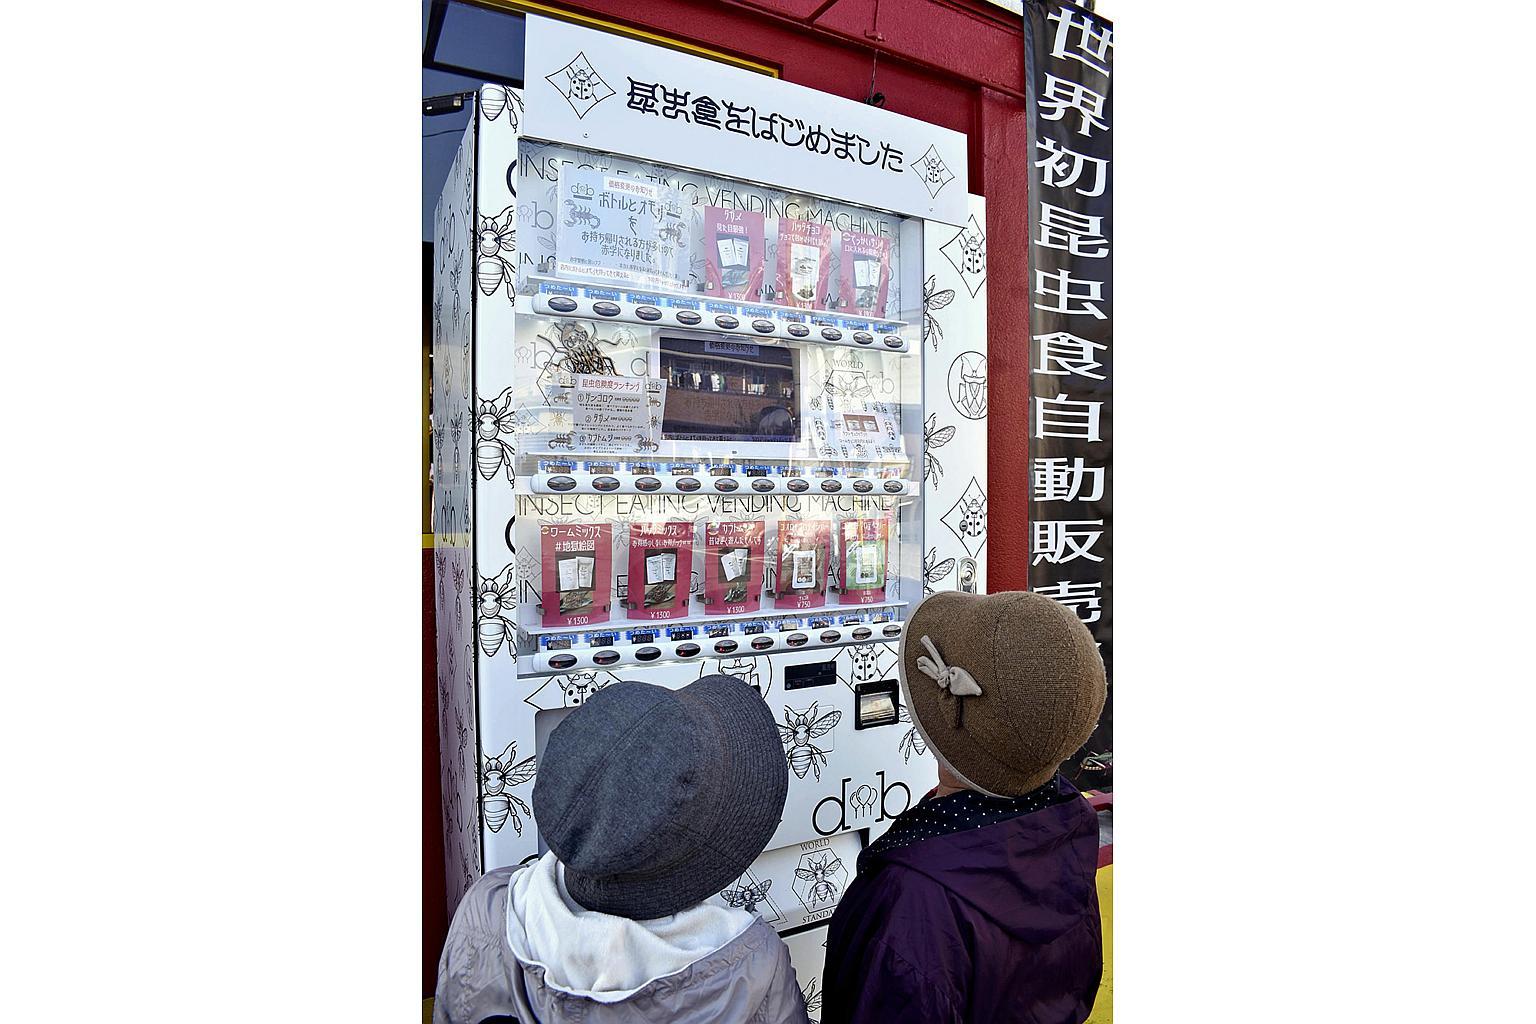 În Japonia, un vendomat de gustări cu insecte face furori printre localnici